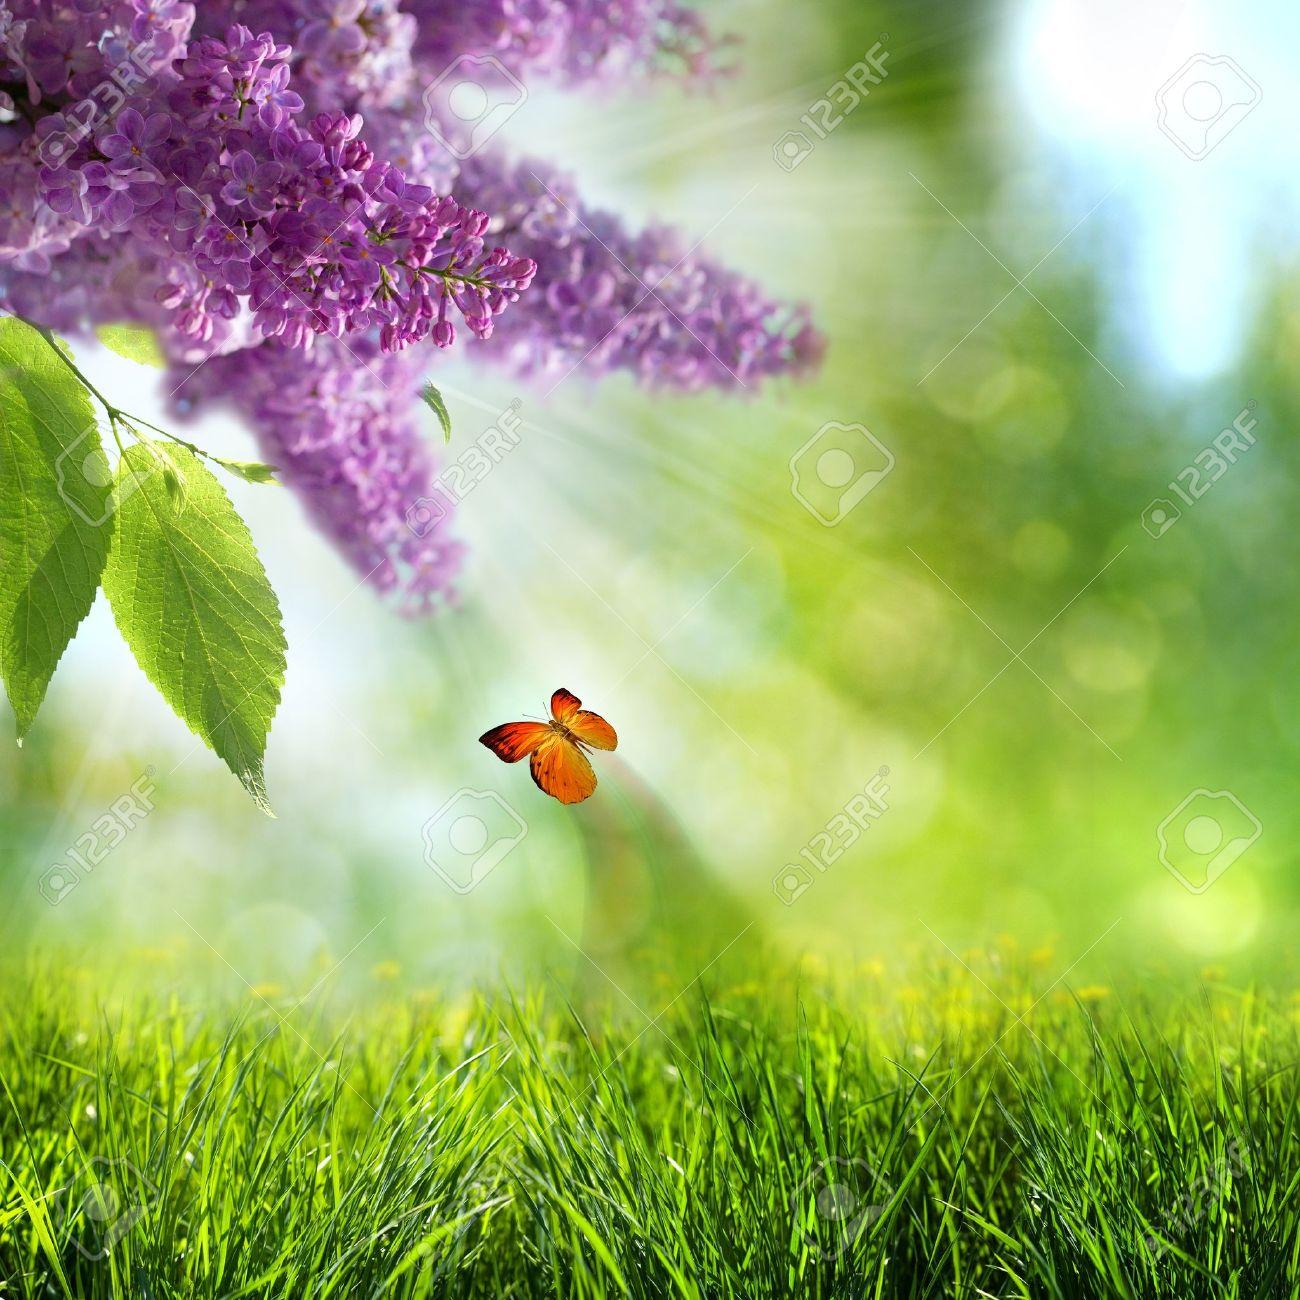 Immagini Stock Sfondi Astratti Estate Lillà Con Fiori E Farfalle